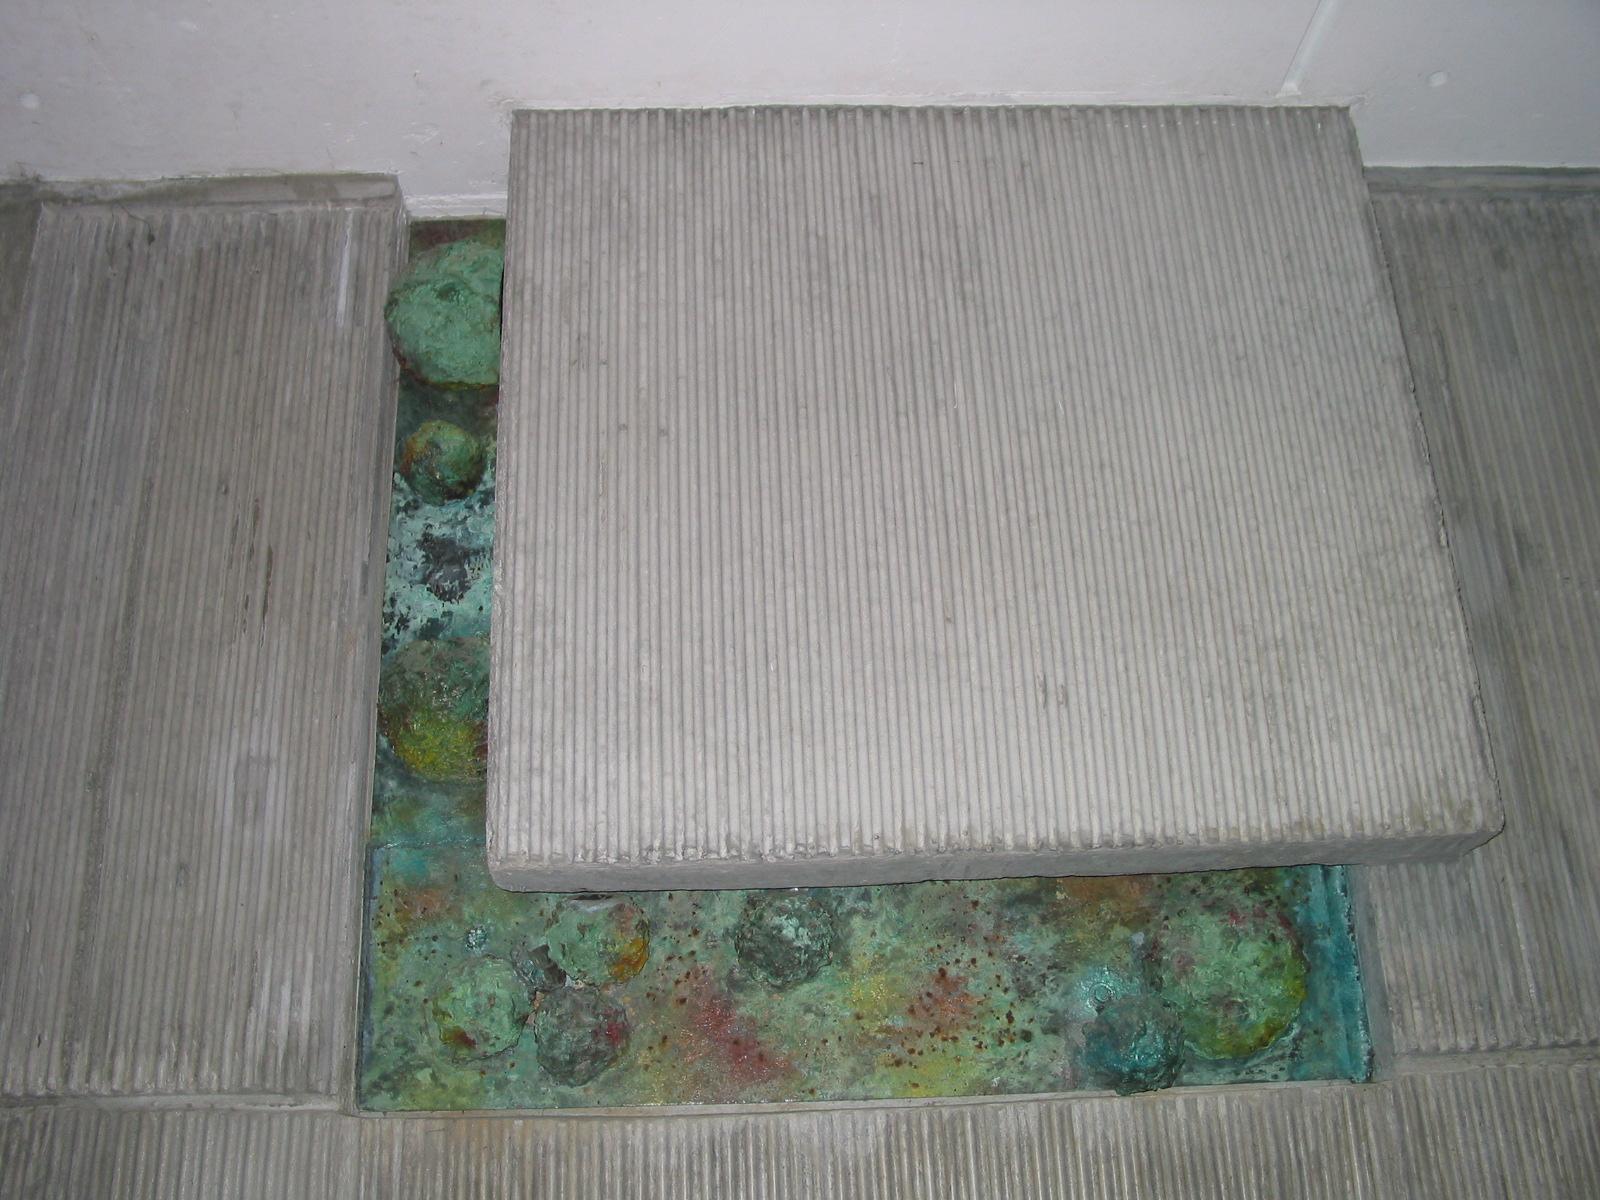 MARTA Stairwell #1.JPG